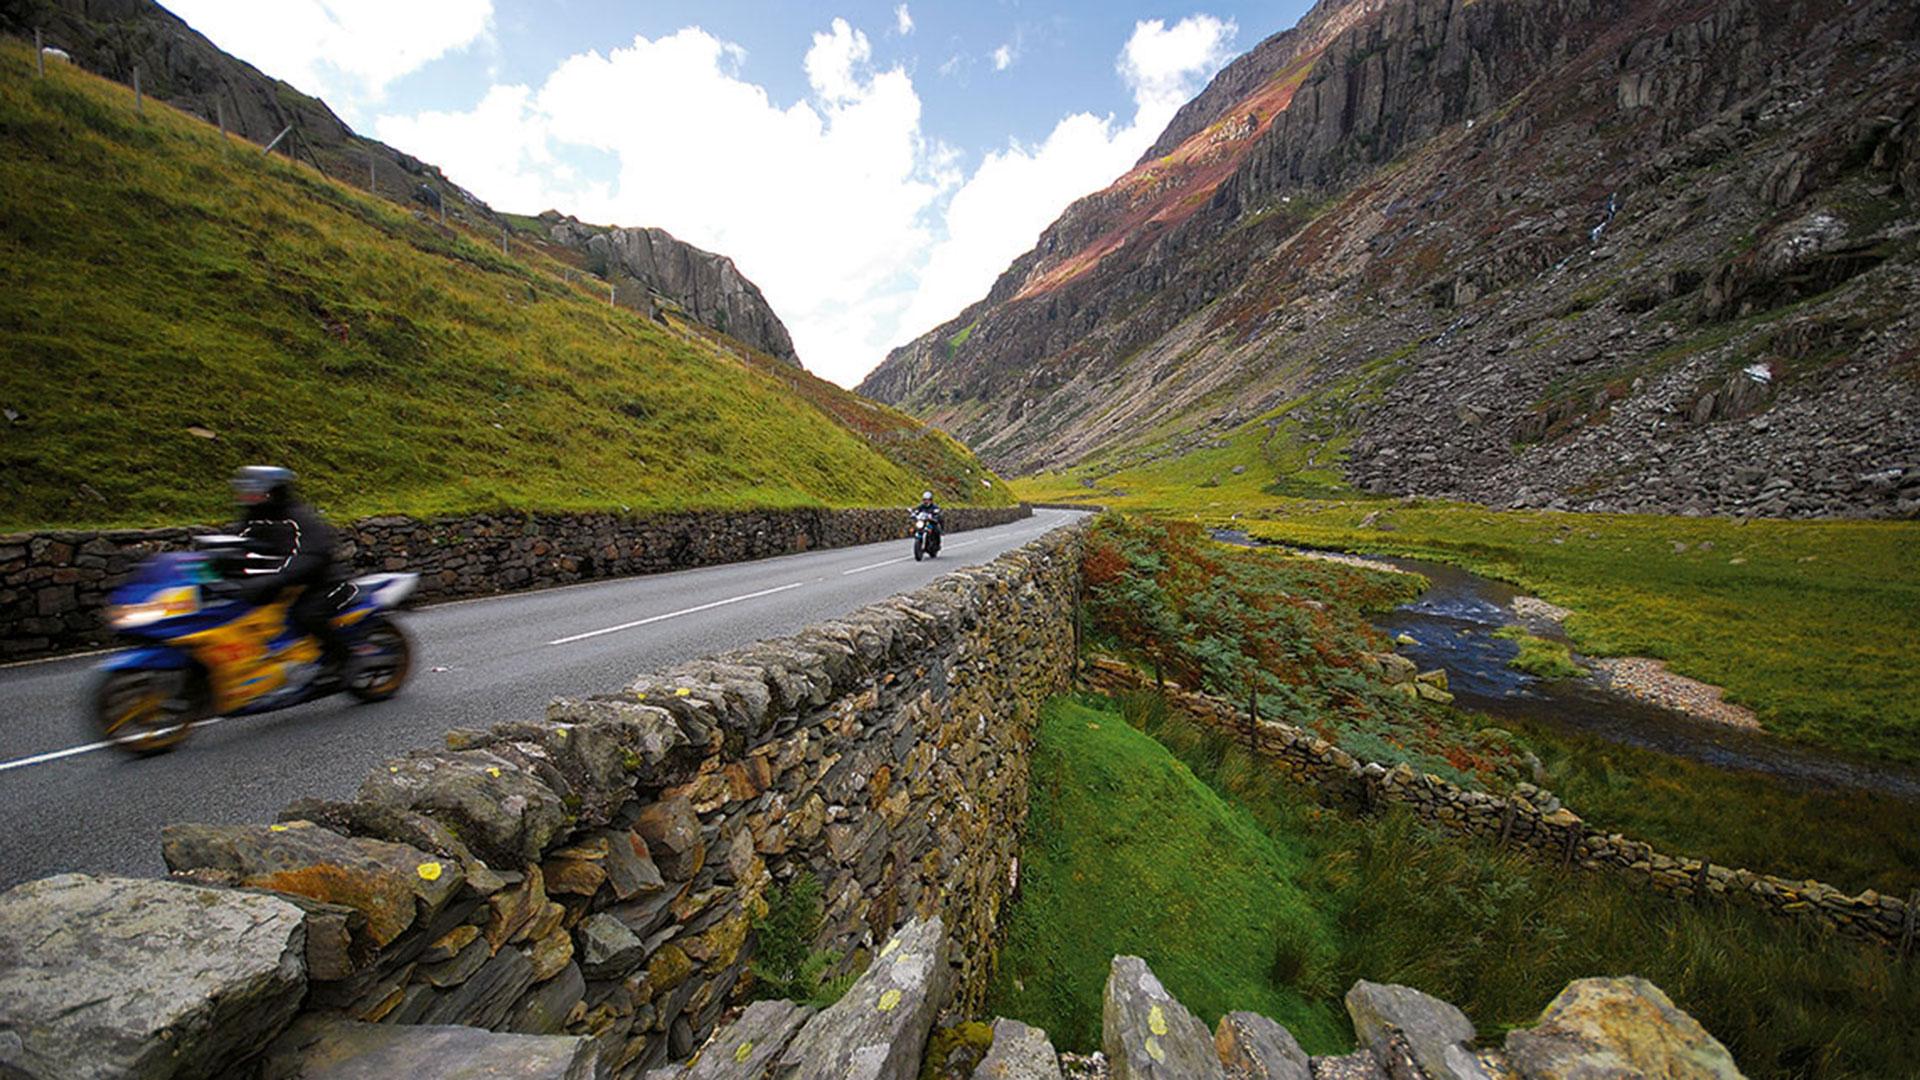 Croeso I Cymru - Welcome to Wales